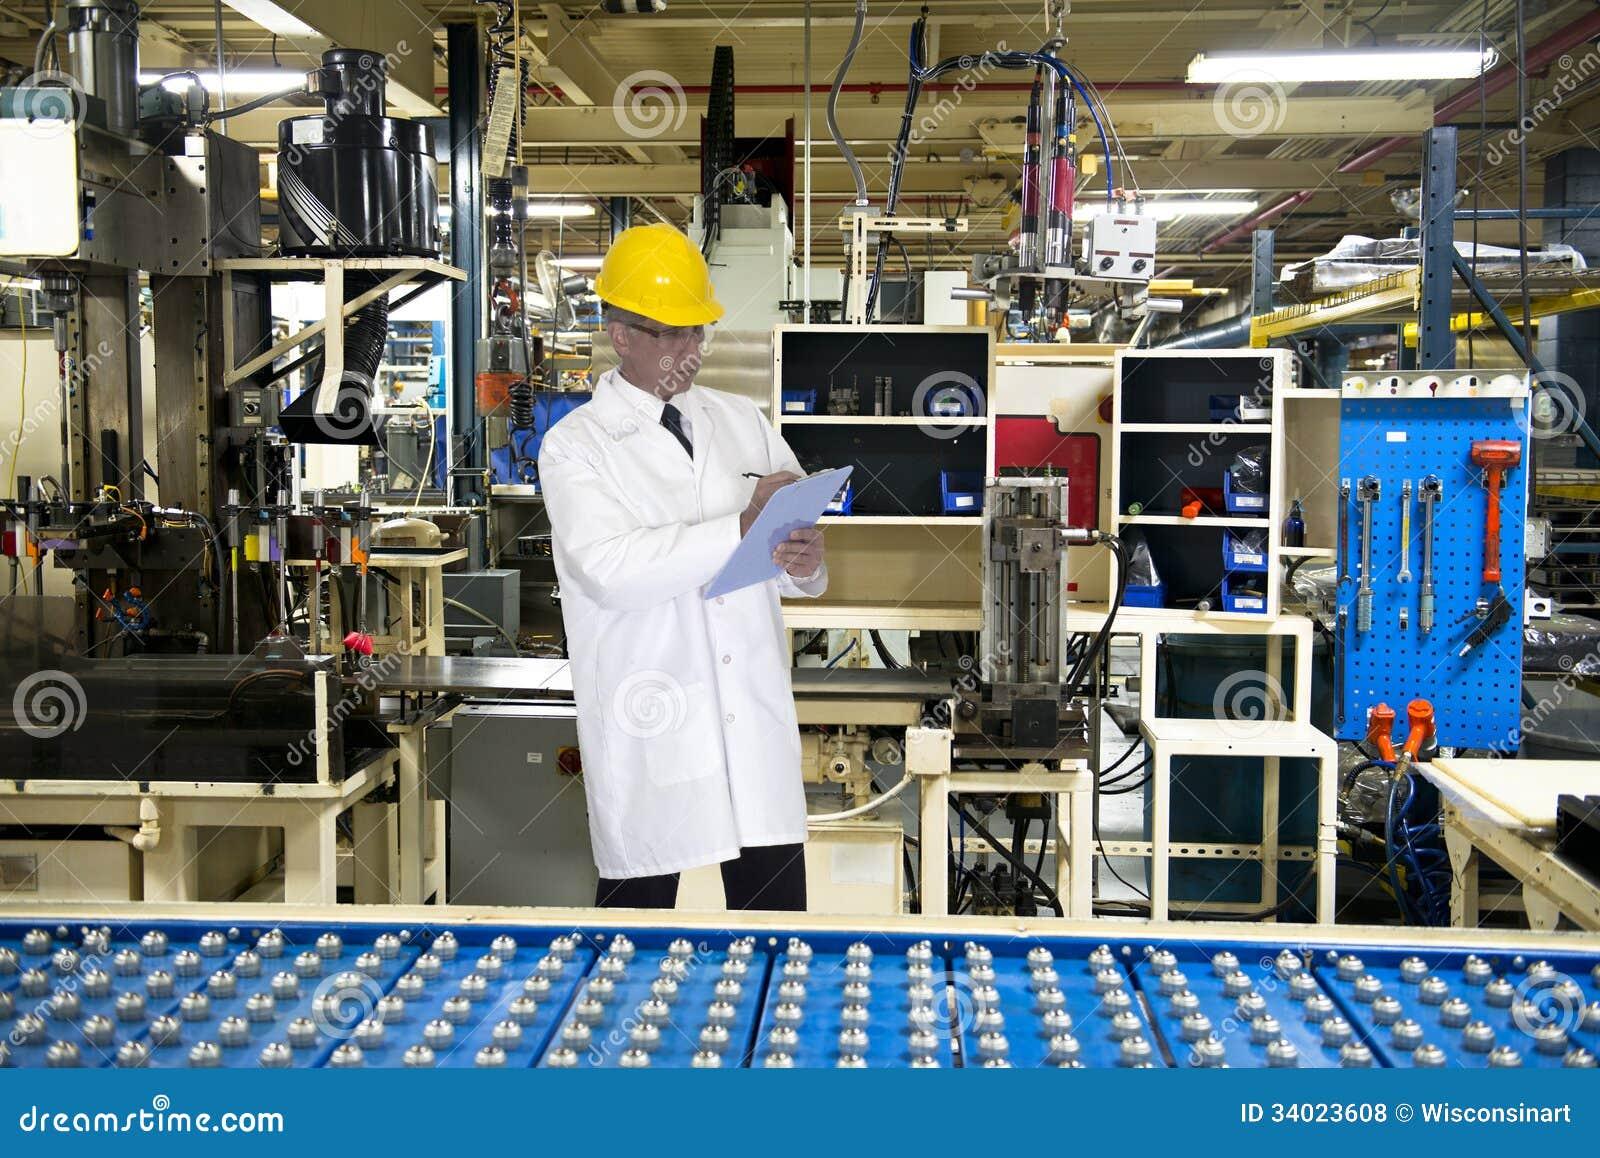 Ingegnere Tech di controllo di qualità in fabbrica industriale